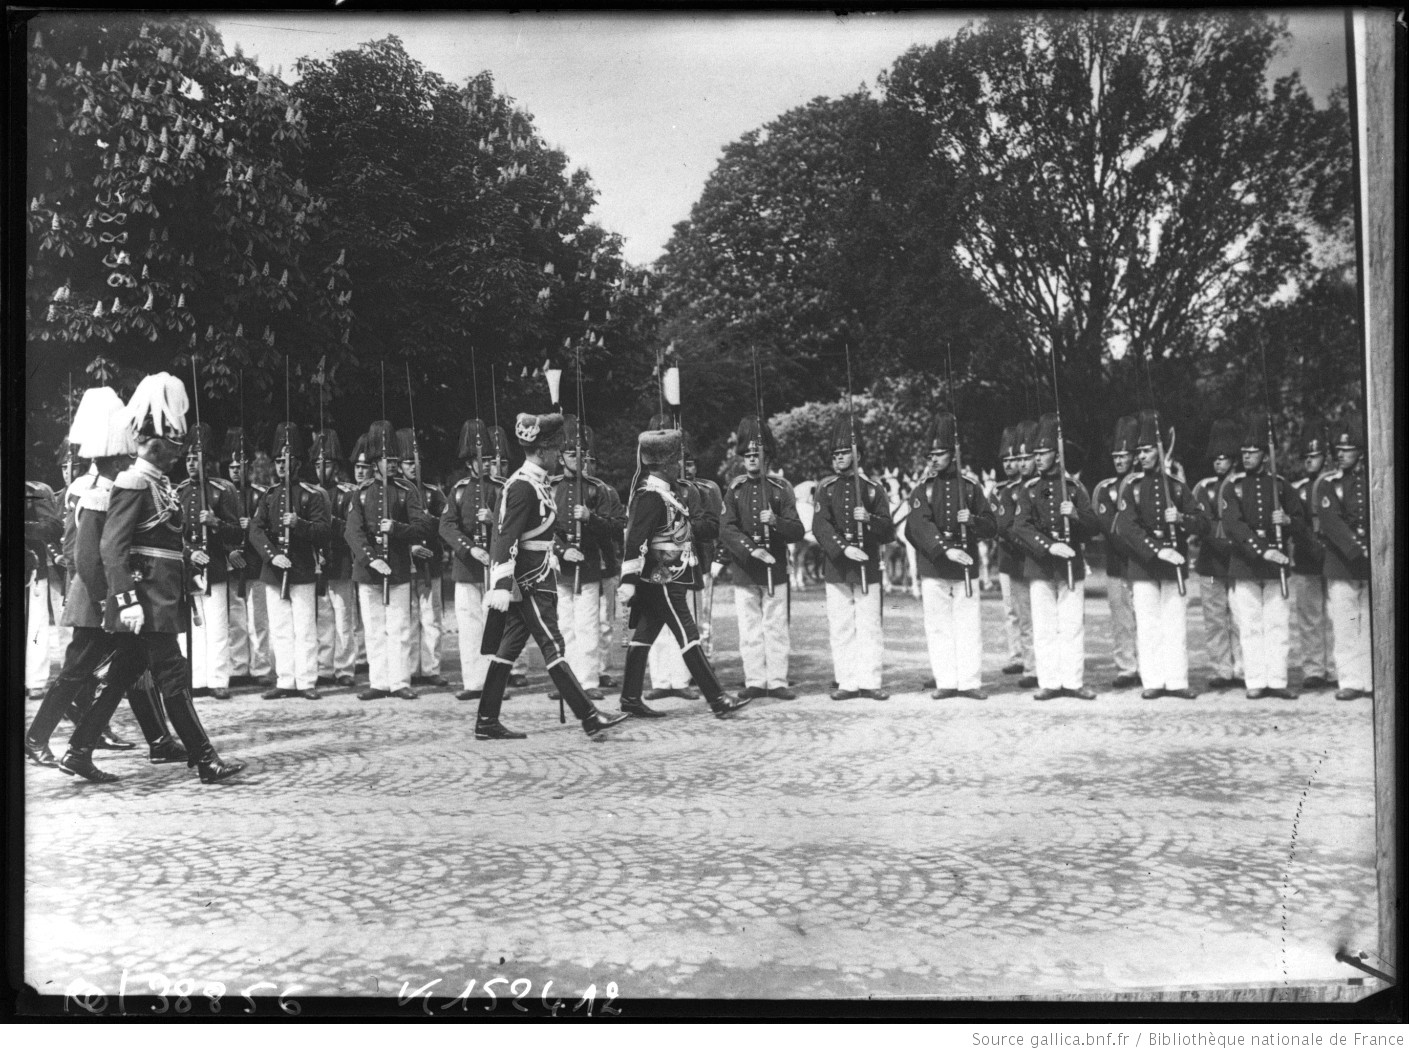 Guillaume II et le duc de Brunswick lors d'une revue militaire en 1914, photographie de presse.